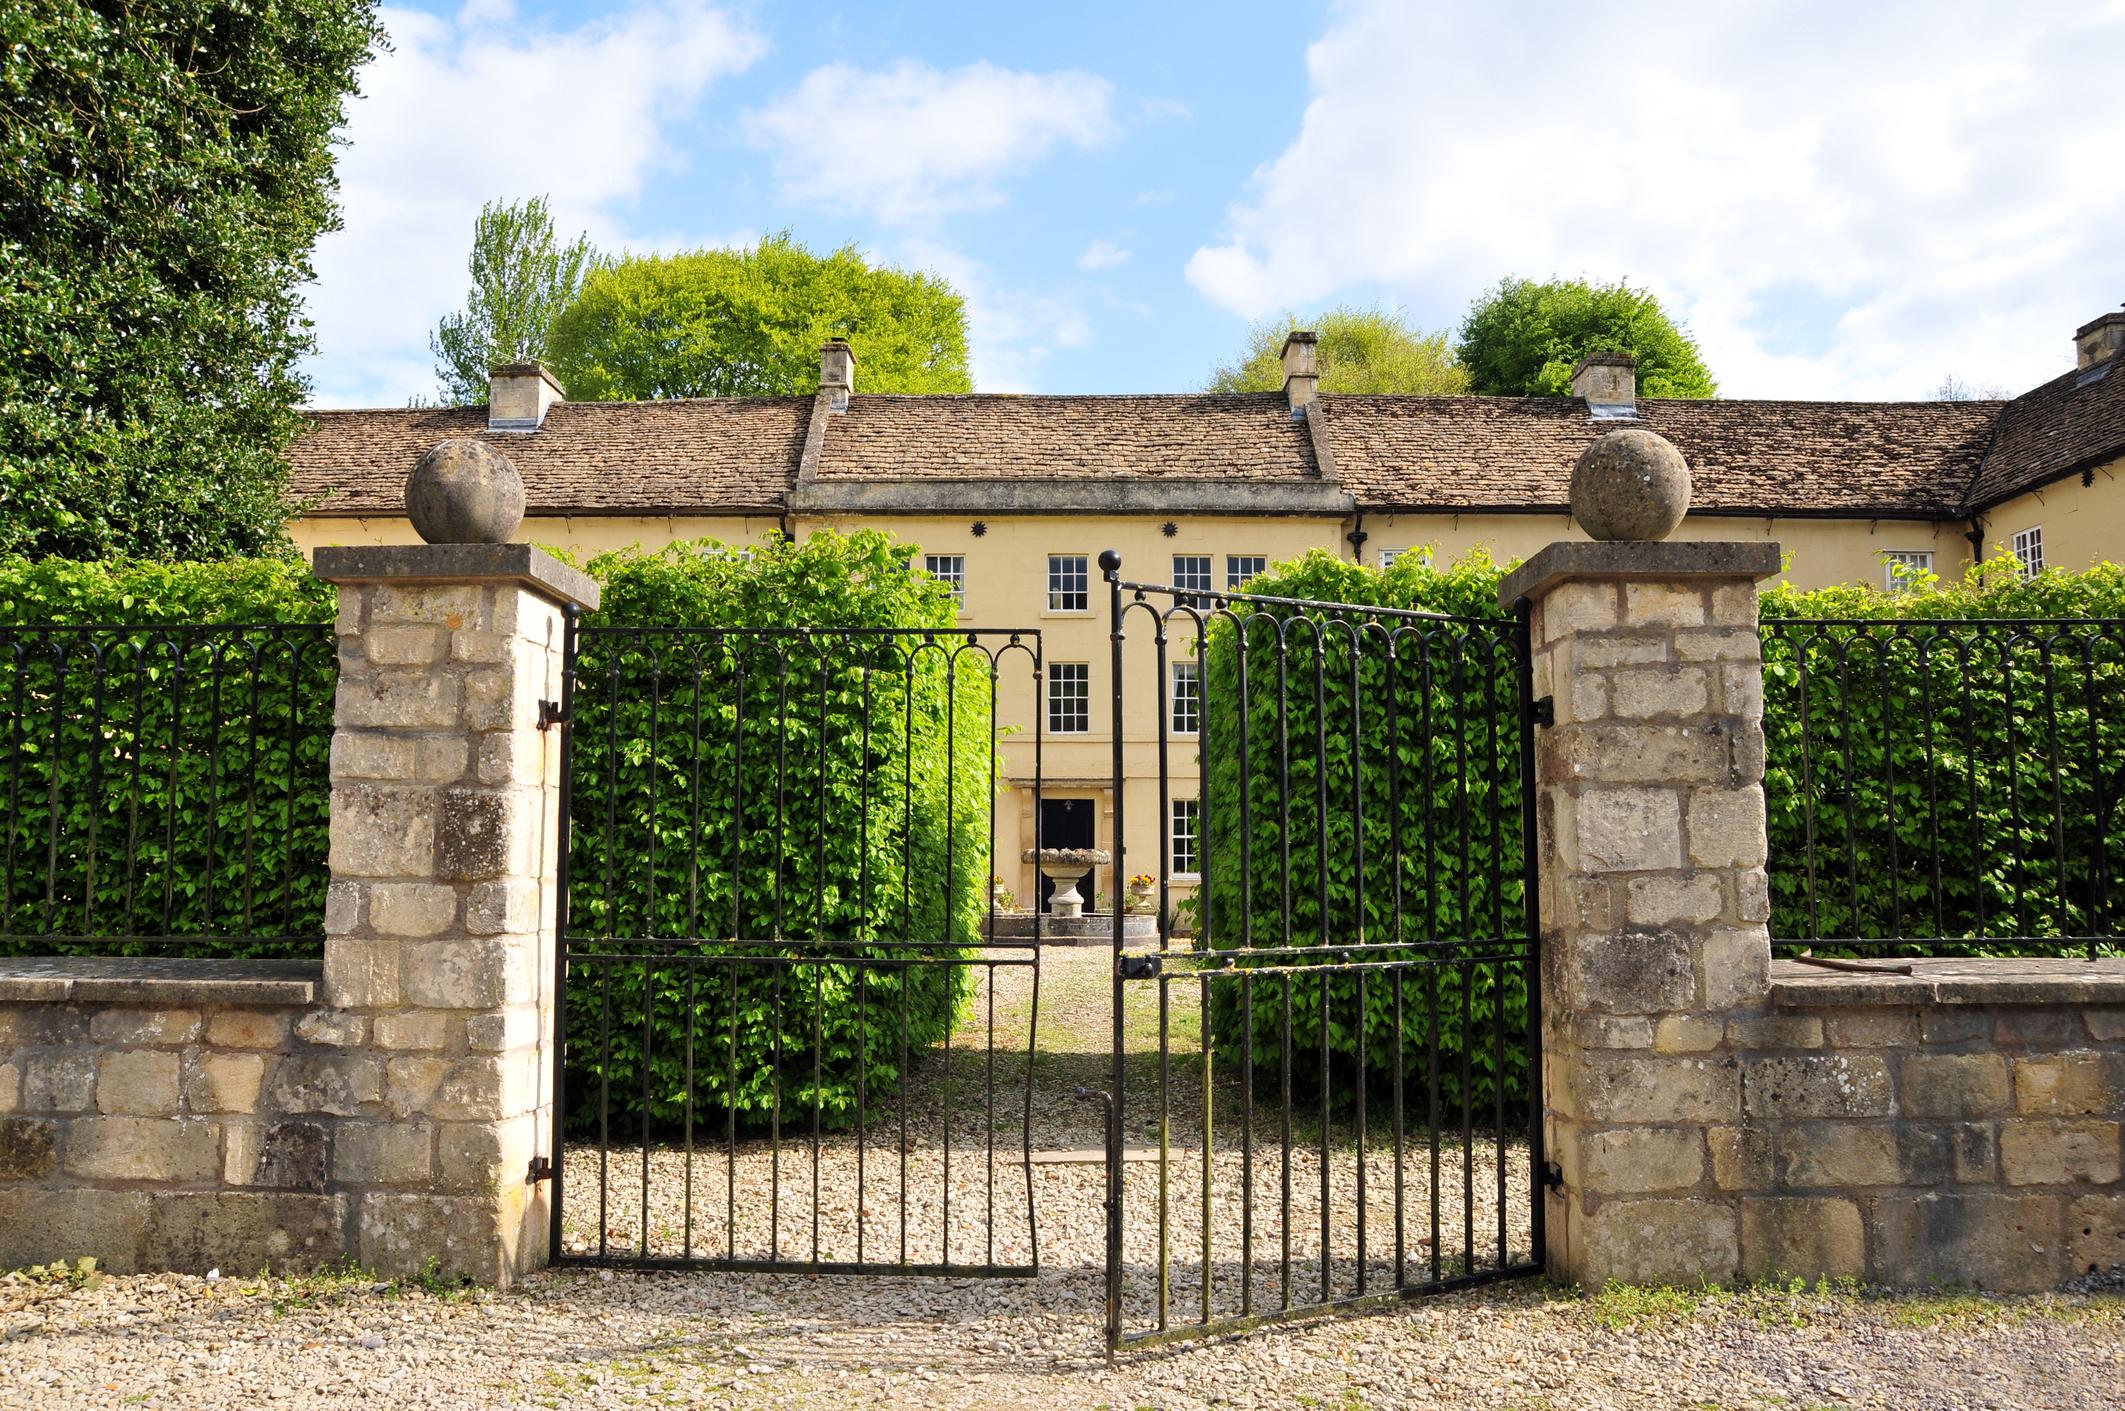 כיצד בוחרים שער חשמלי לבית פרטי?